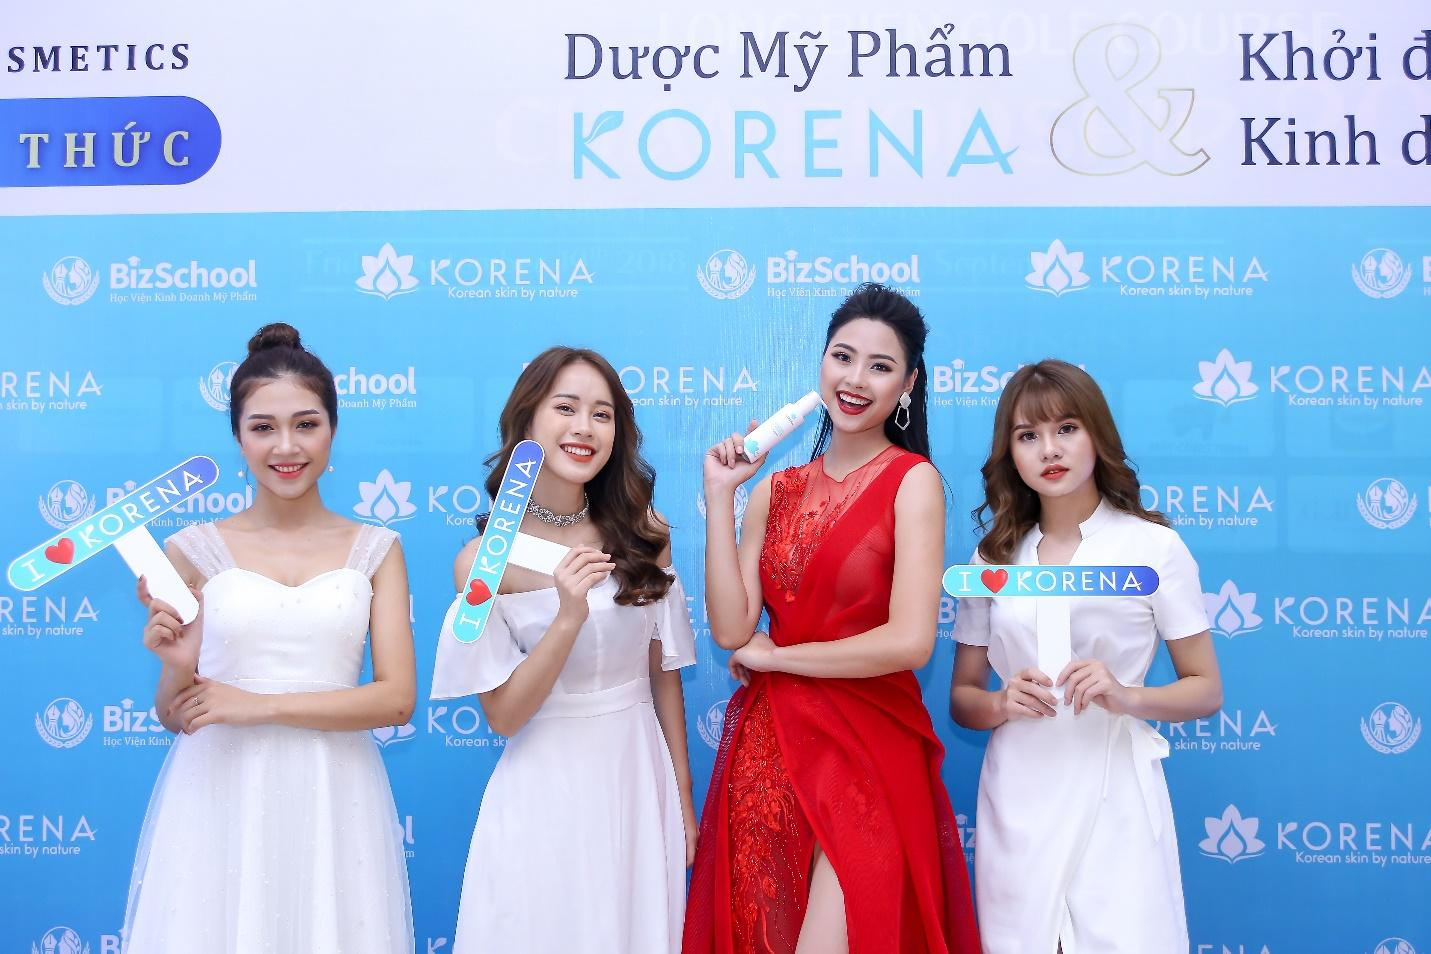 Thương hiệu mỹ phẩm Korena dưới con mắt của công luận và người tiêu dùng - Ảnh 3